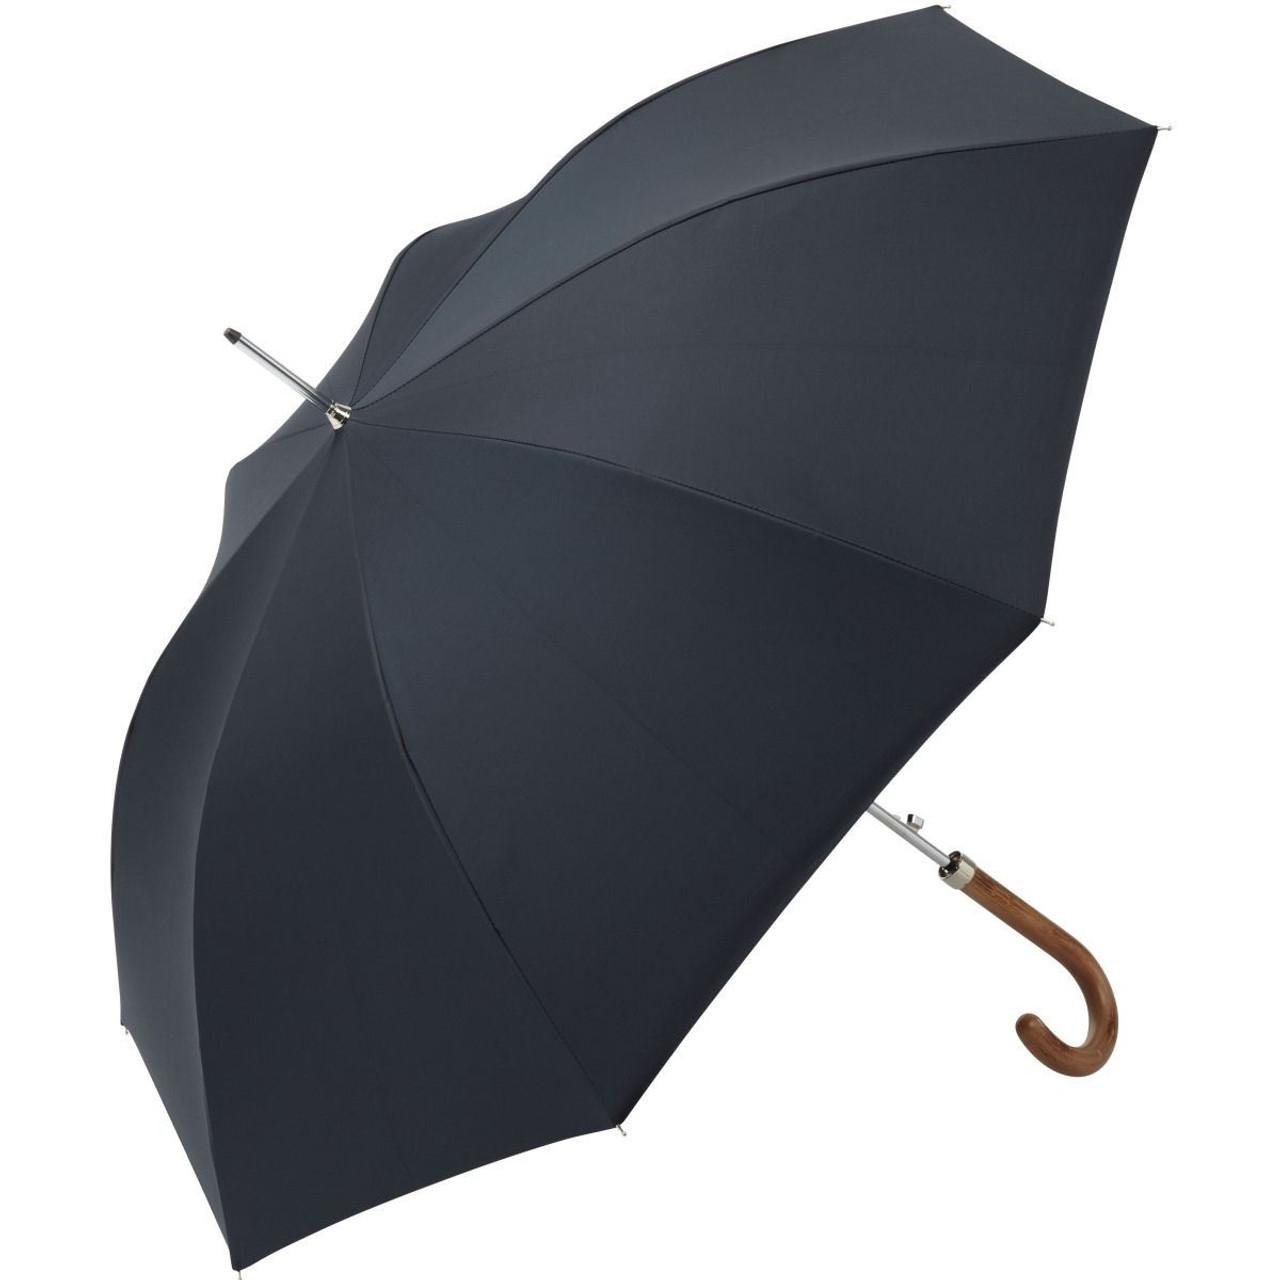 Uppingham Umbrella Open